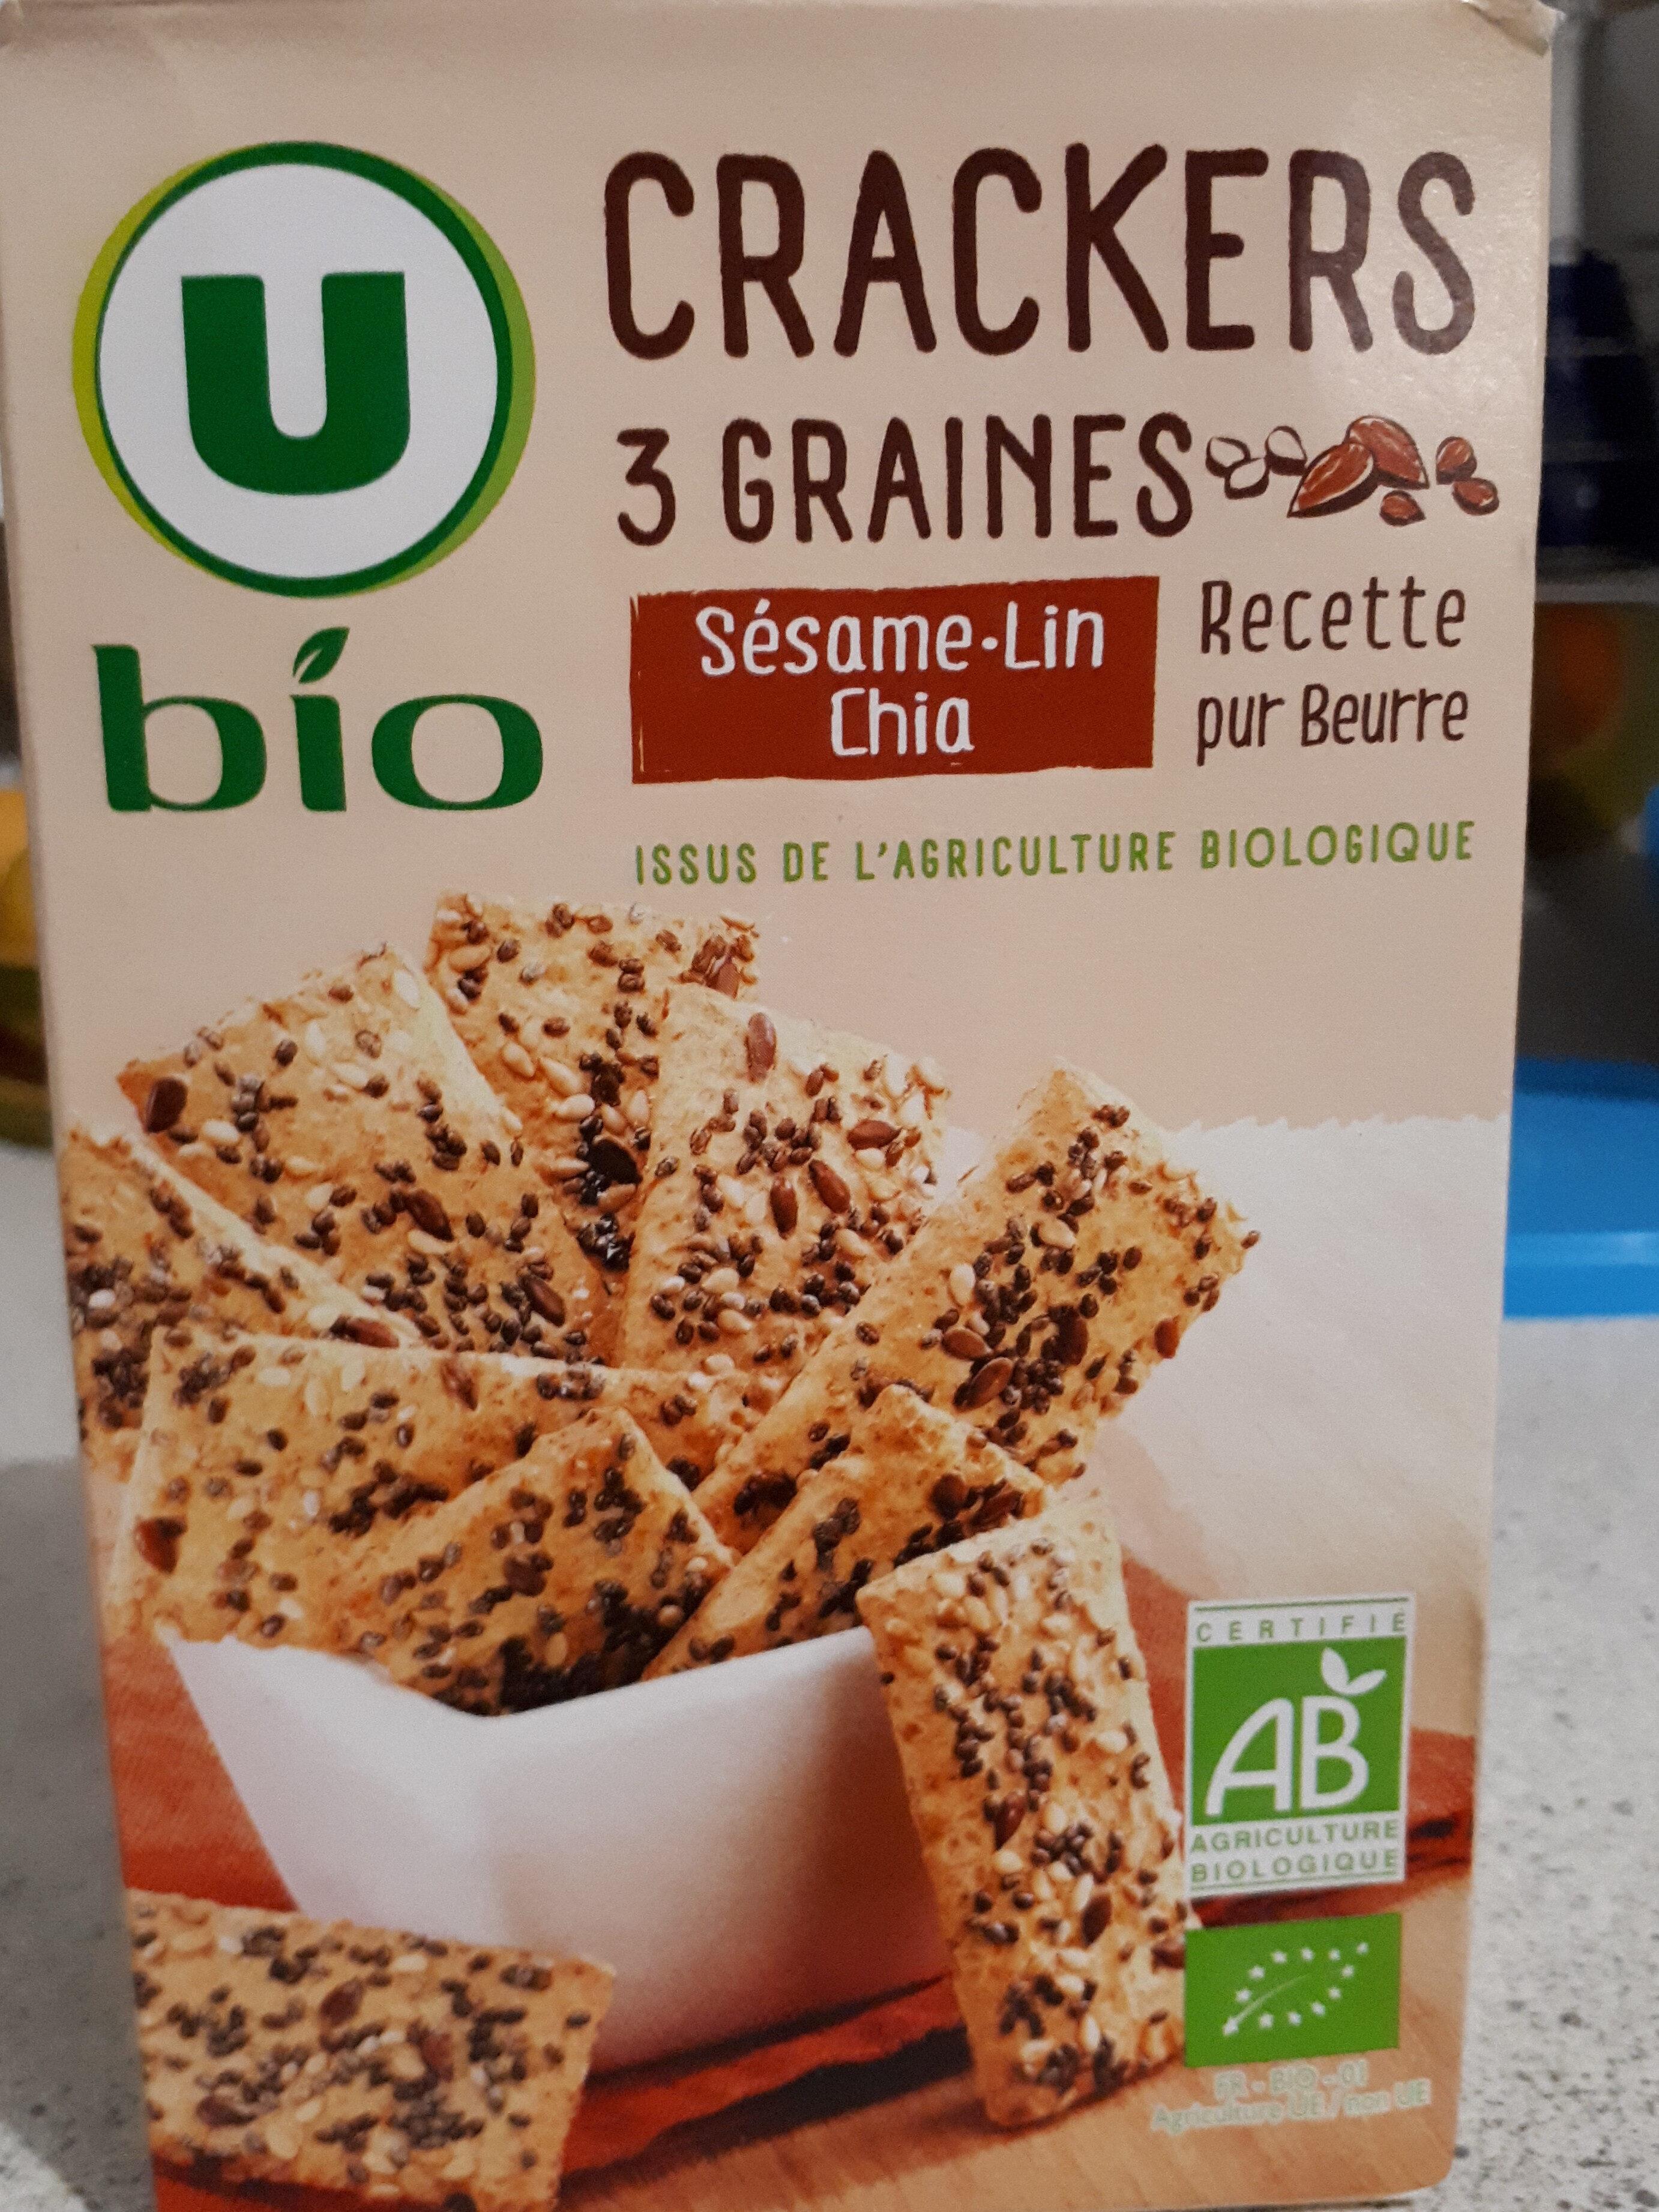 Crackers 3 graines - Produit - fr